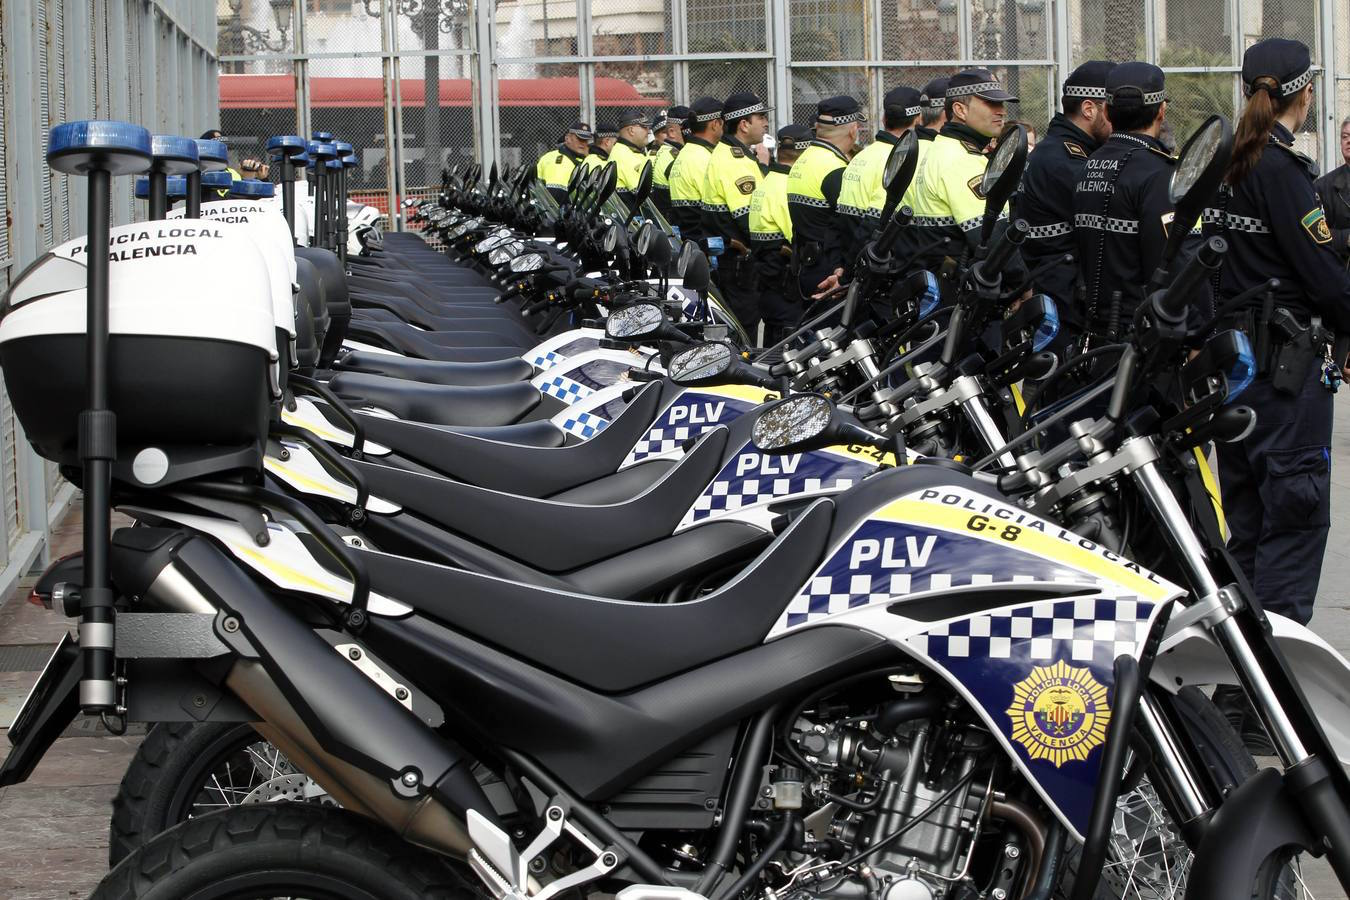 Comunitat valenciana. Valencia. Valencia. 18-02-15. Nuevos vehiculos para la policia local. Foto de Irene Marsilla